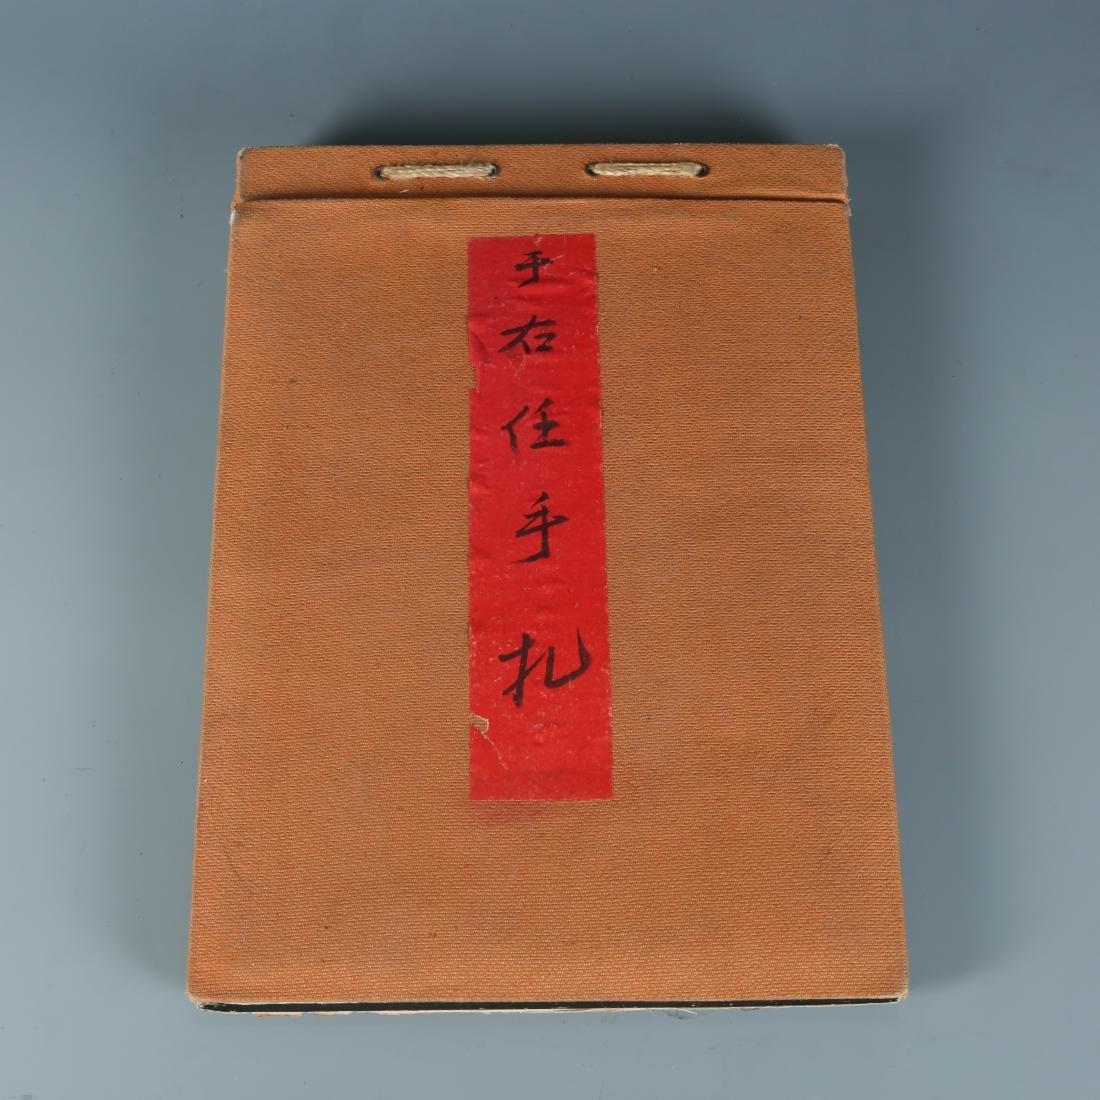 YU YOUREN, Letters Written in Running Script